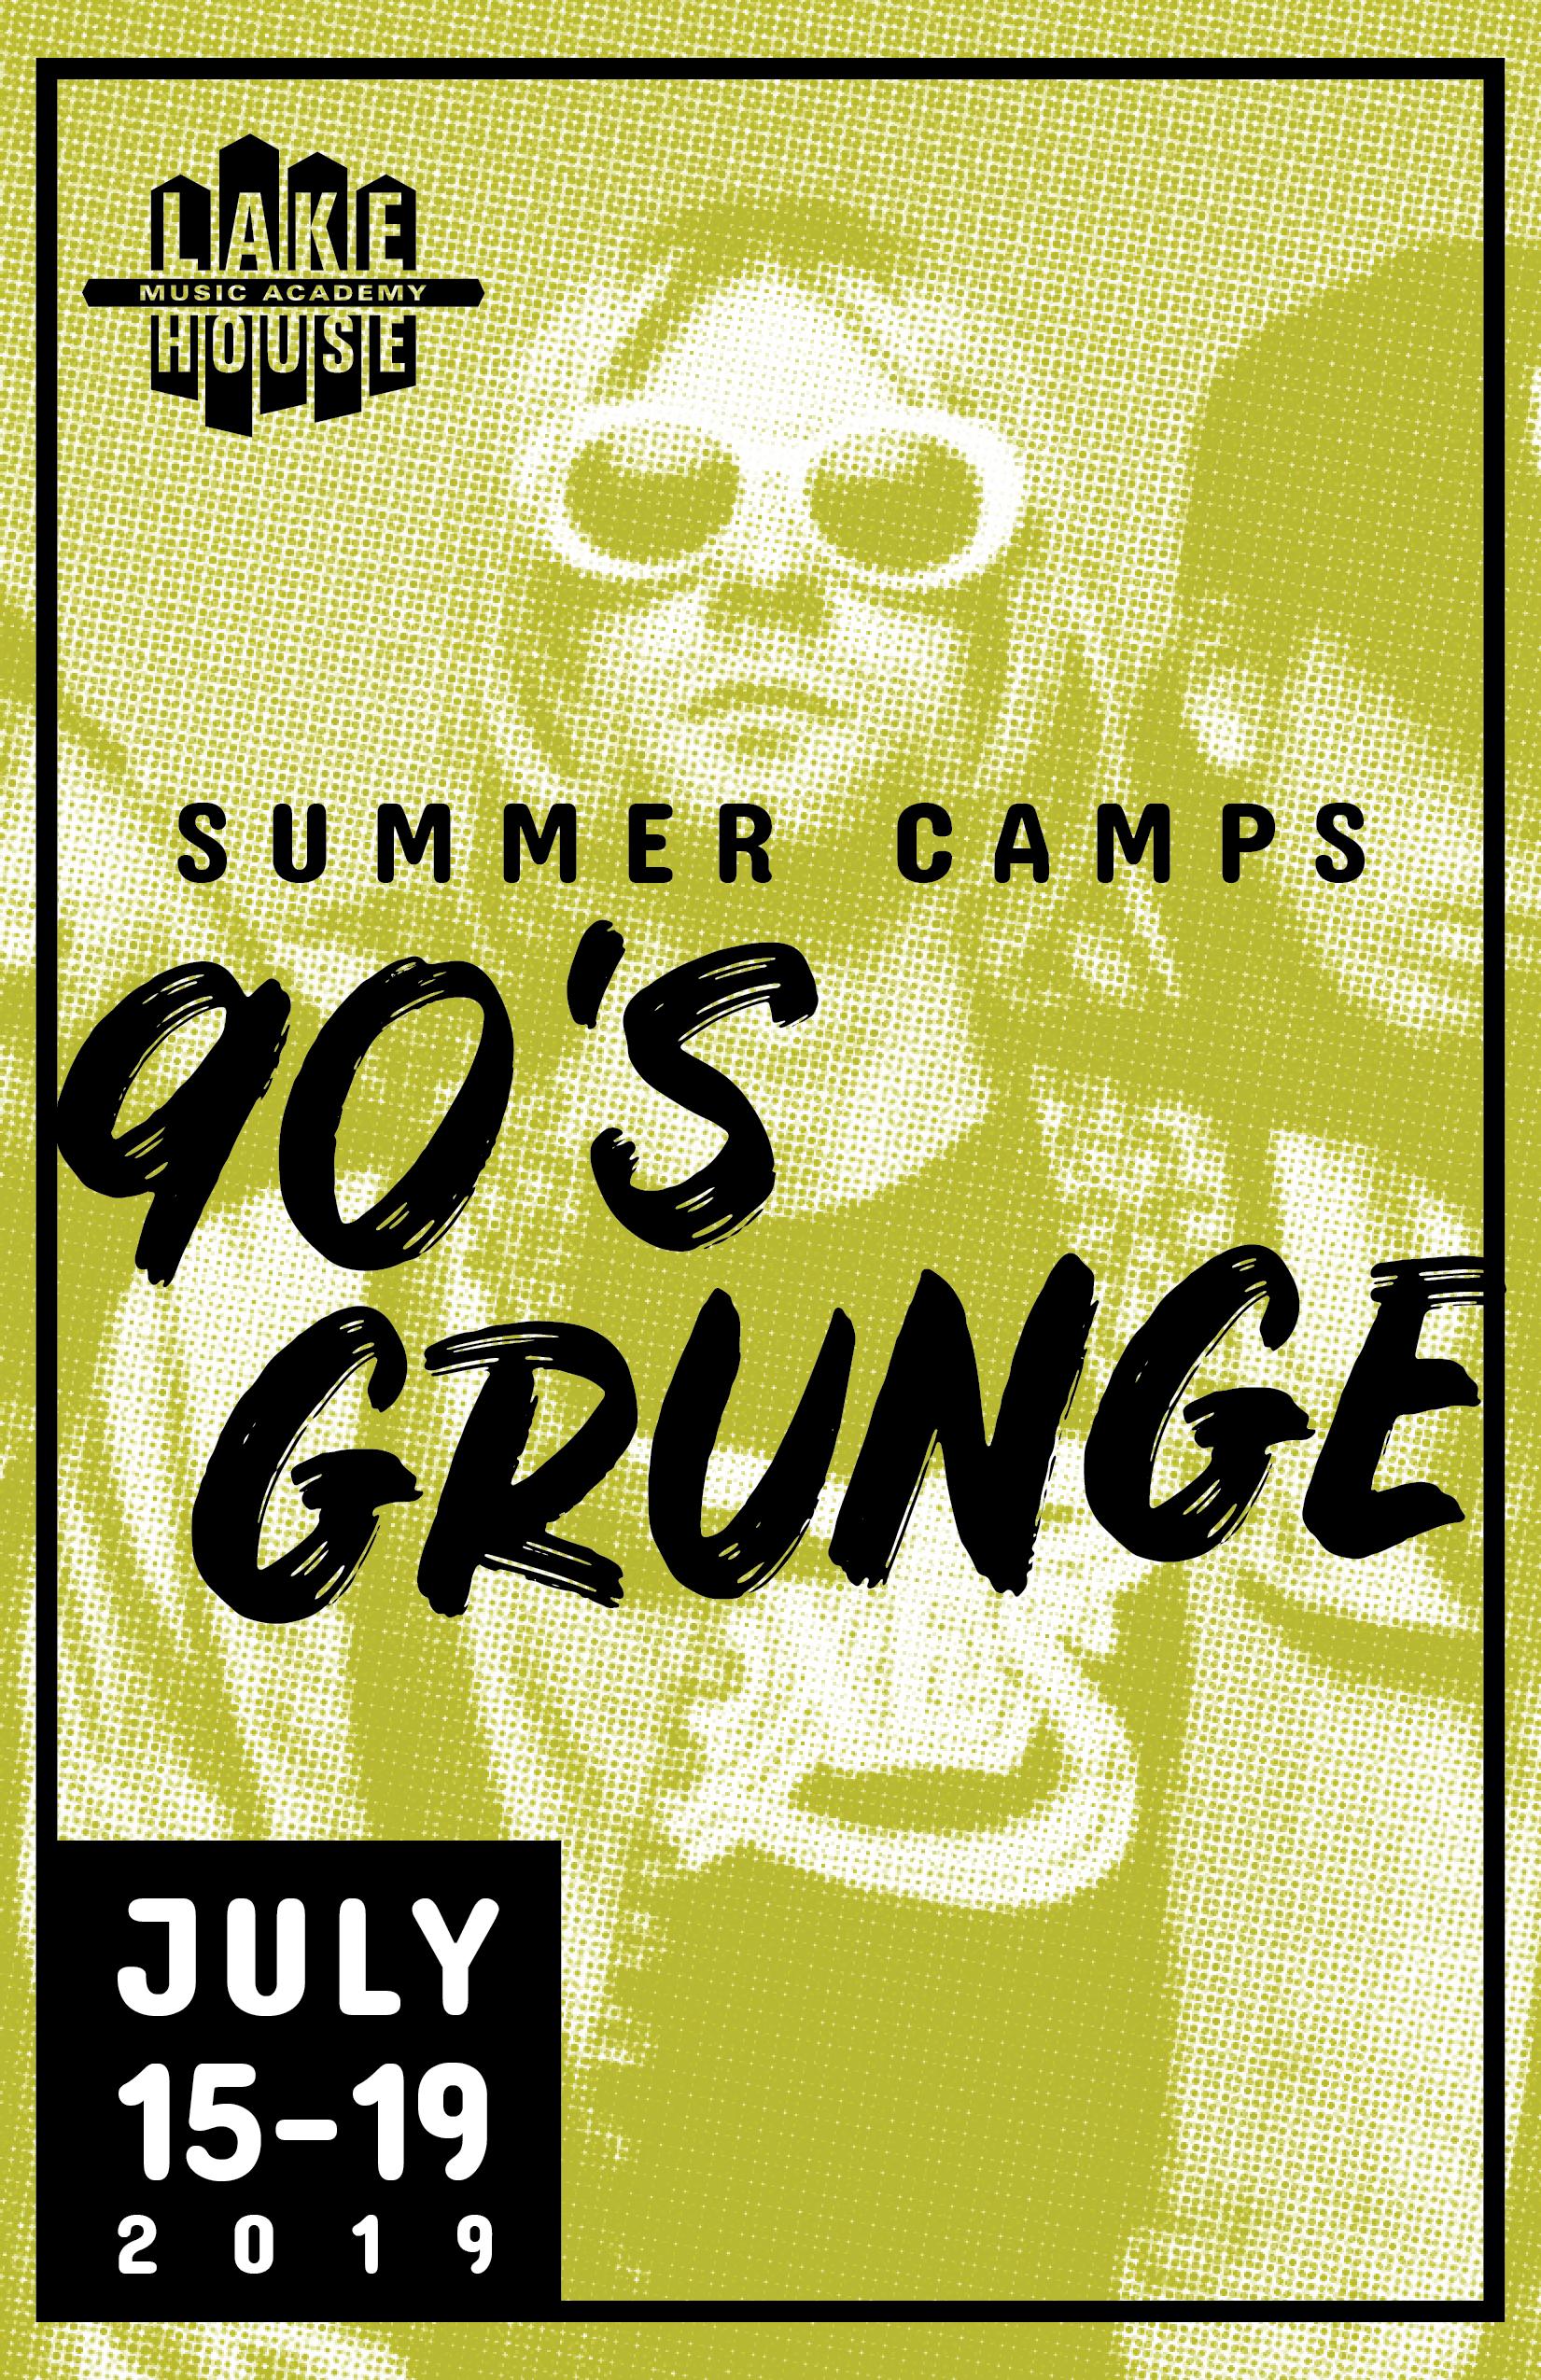 90's grunge - July 15 - 19